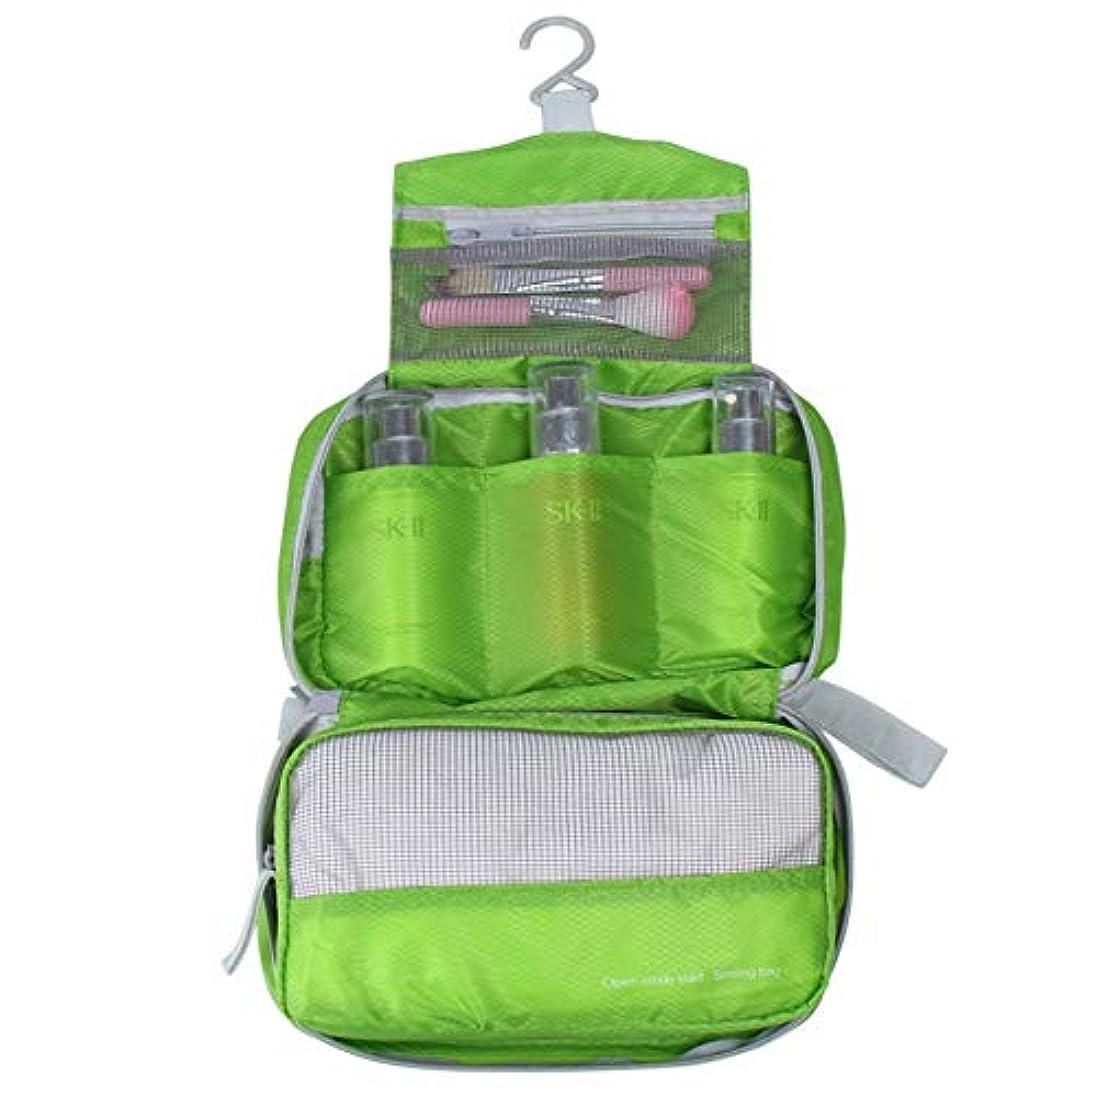 スキーム認可グレートバリアリーフ化粧オーガナイザーバッグ 化粧品のバッグは、防水、ハンガー、旅行メッシュとジップコンパートメントのウォッシュバッグです。 化粧品ケース (色 : 緑)